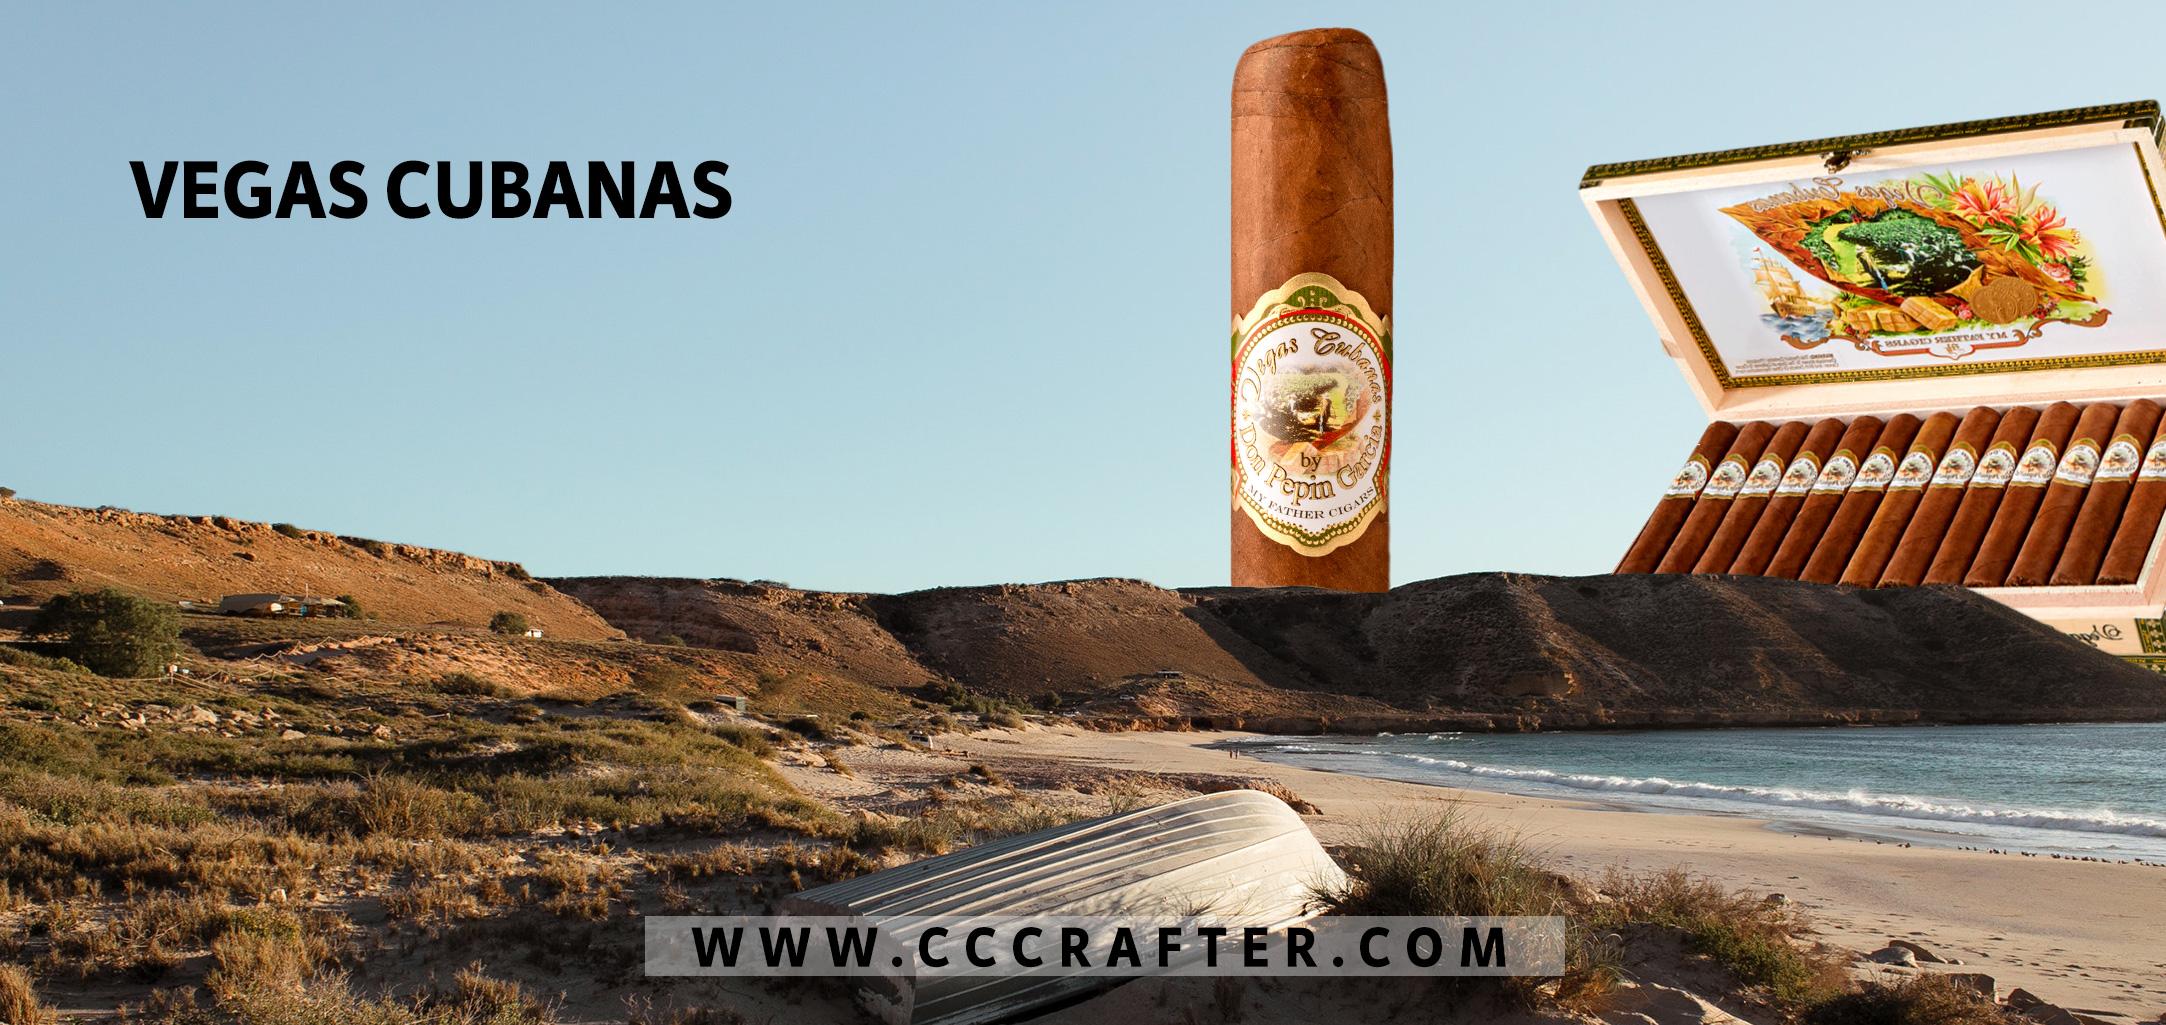 vegas-cubanas-banner.jpg